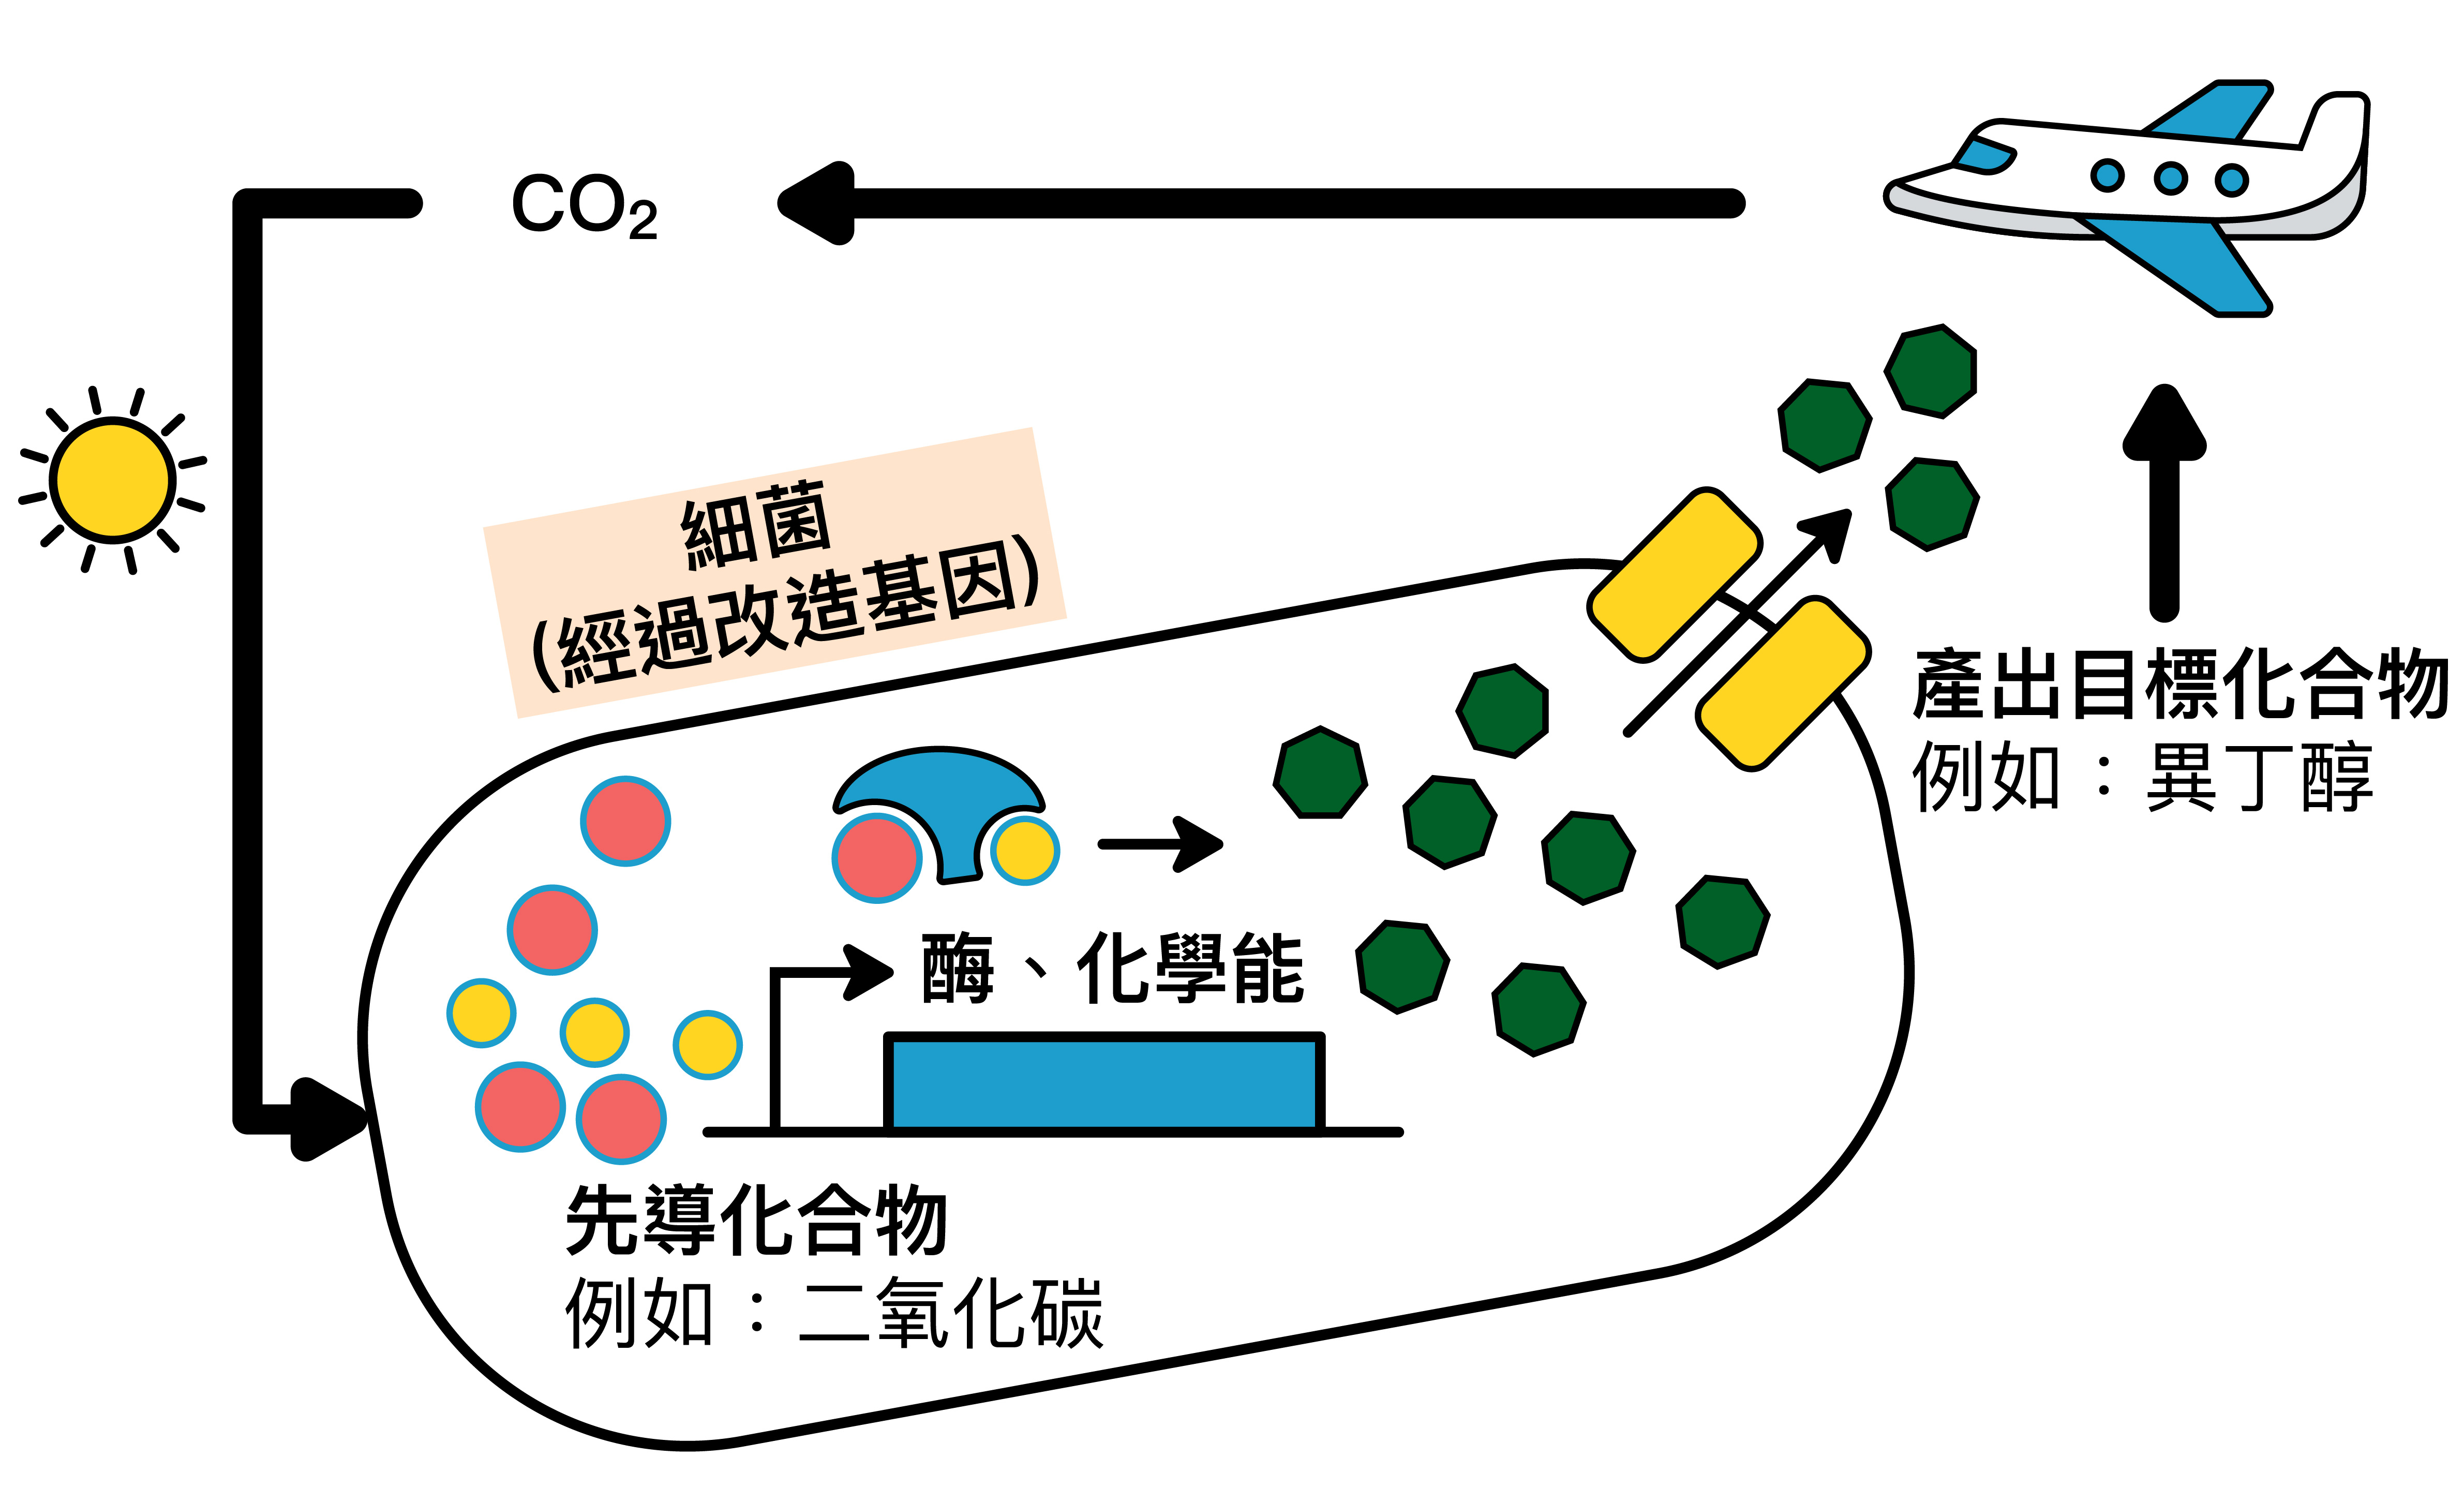 廖俊智與研究團隊,計畫讓細菌細胞進行的合成反應途徑:以二氧化碳為碳源 → 產生燃料 → 達成新的碳循環。圖│研之有物 (資料來源│廖俊智)